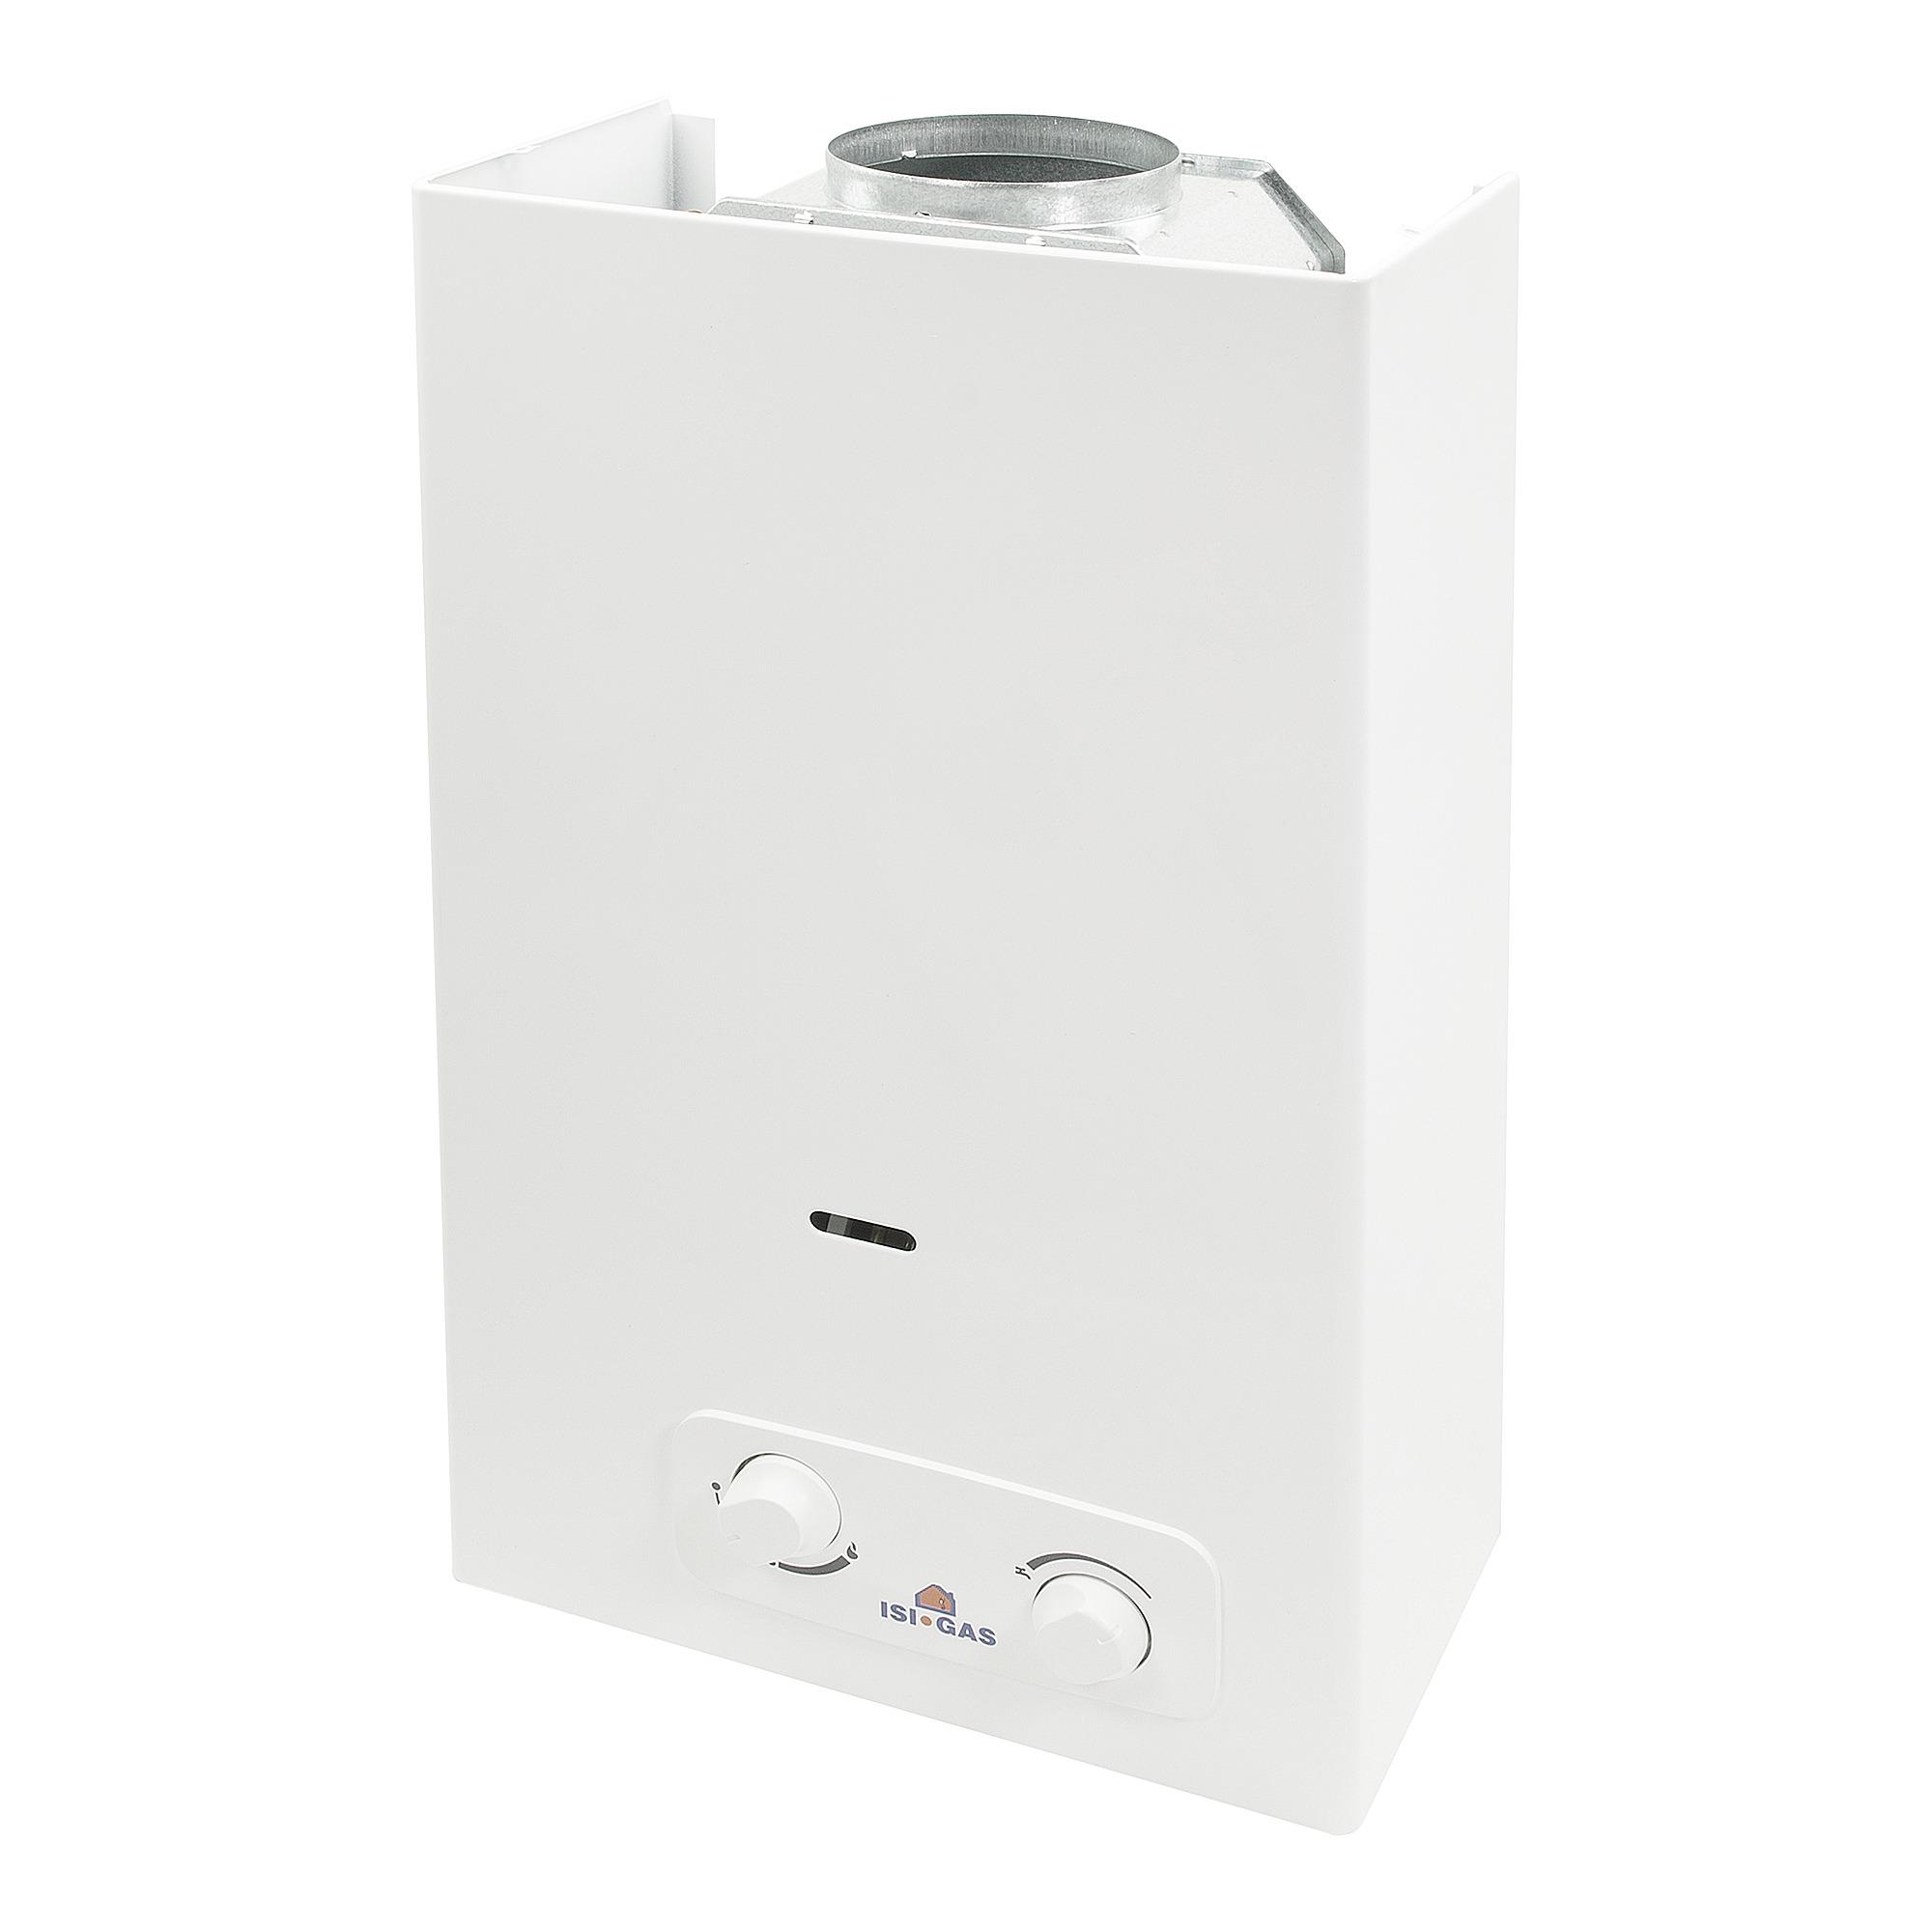 chauffe eau gaz naturel 14 l blanc chauffe eau accessoires chauffage central sanitaire. Black Bedroom Furniture Sets. Home Design Ideas